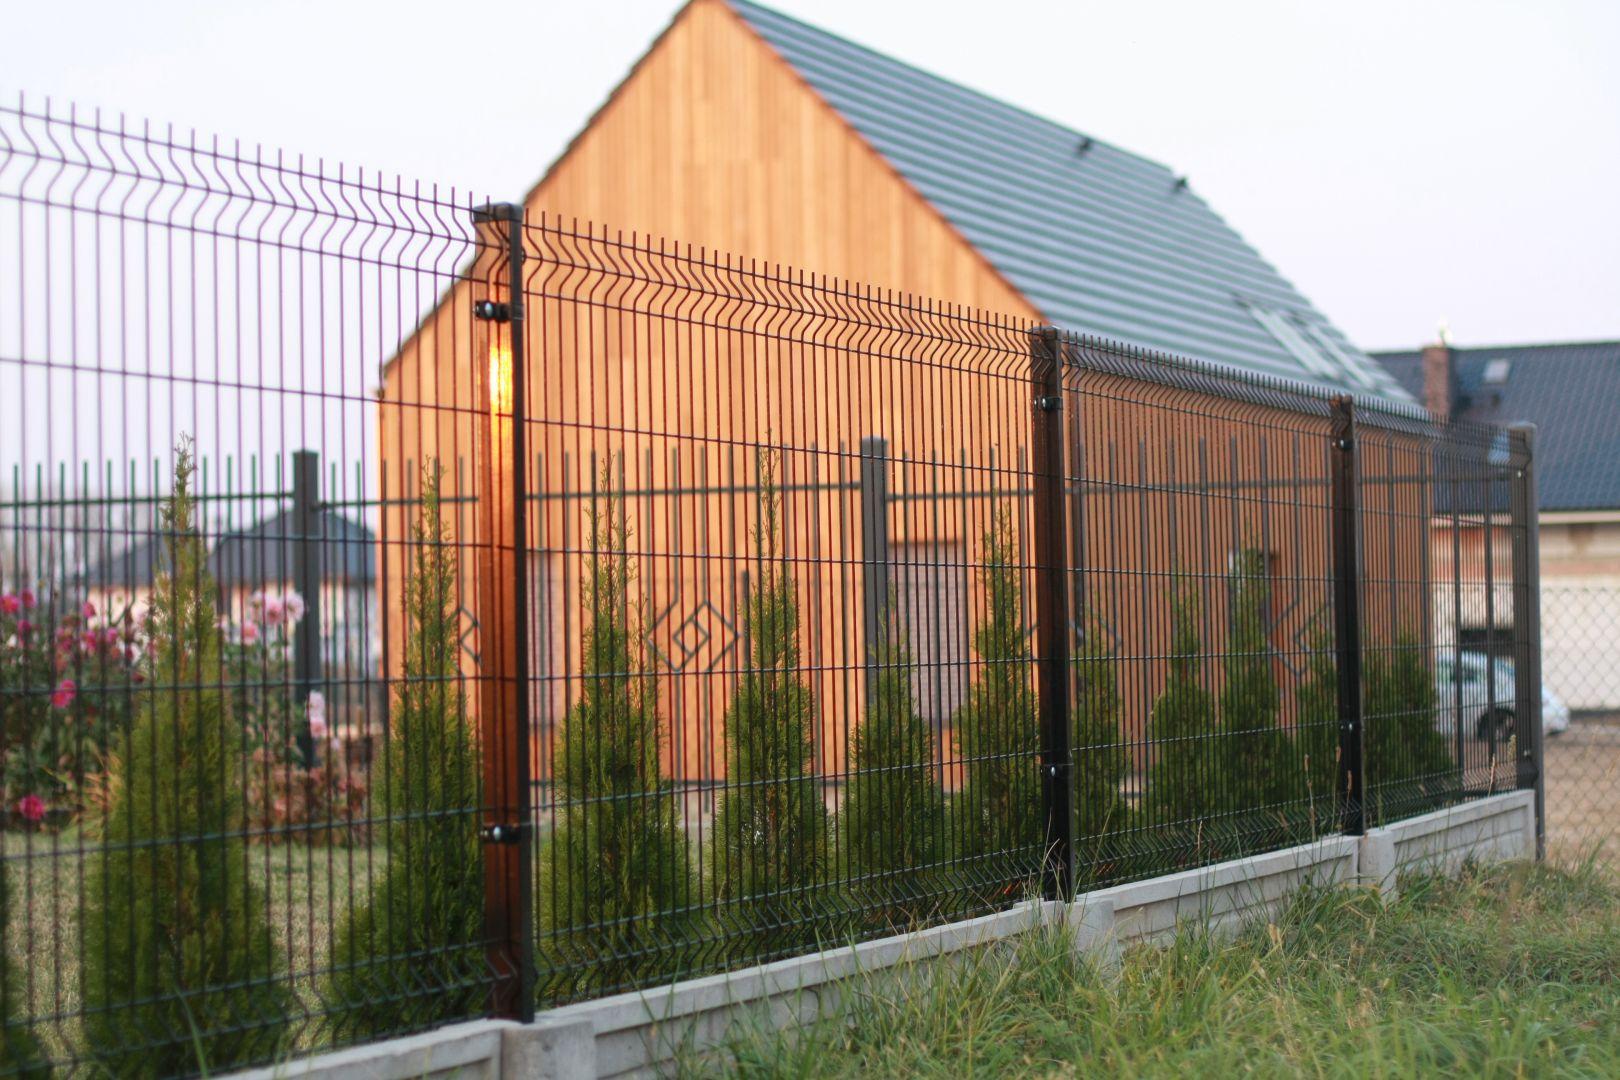 Jeśli ogrodzenie domu ma być wyższa niż 2,2 m musimy zawiadomić o tym starostwo co najmniej 21 dni przed rozpoczęciem prac. Fot. Plast-Met Systemy Ogrodzeniowe